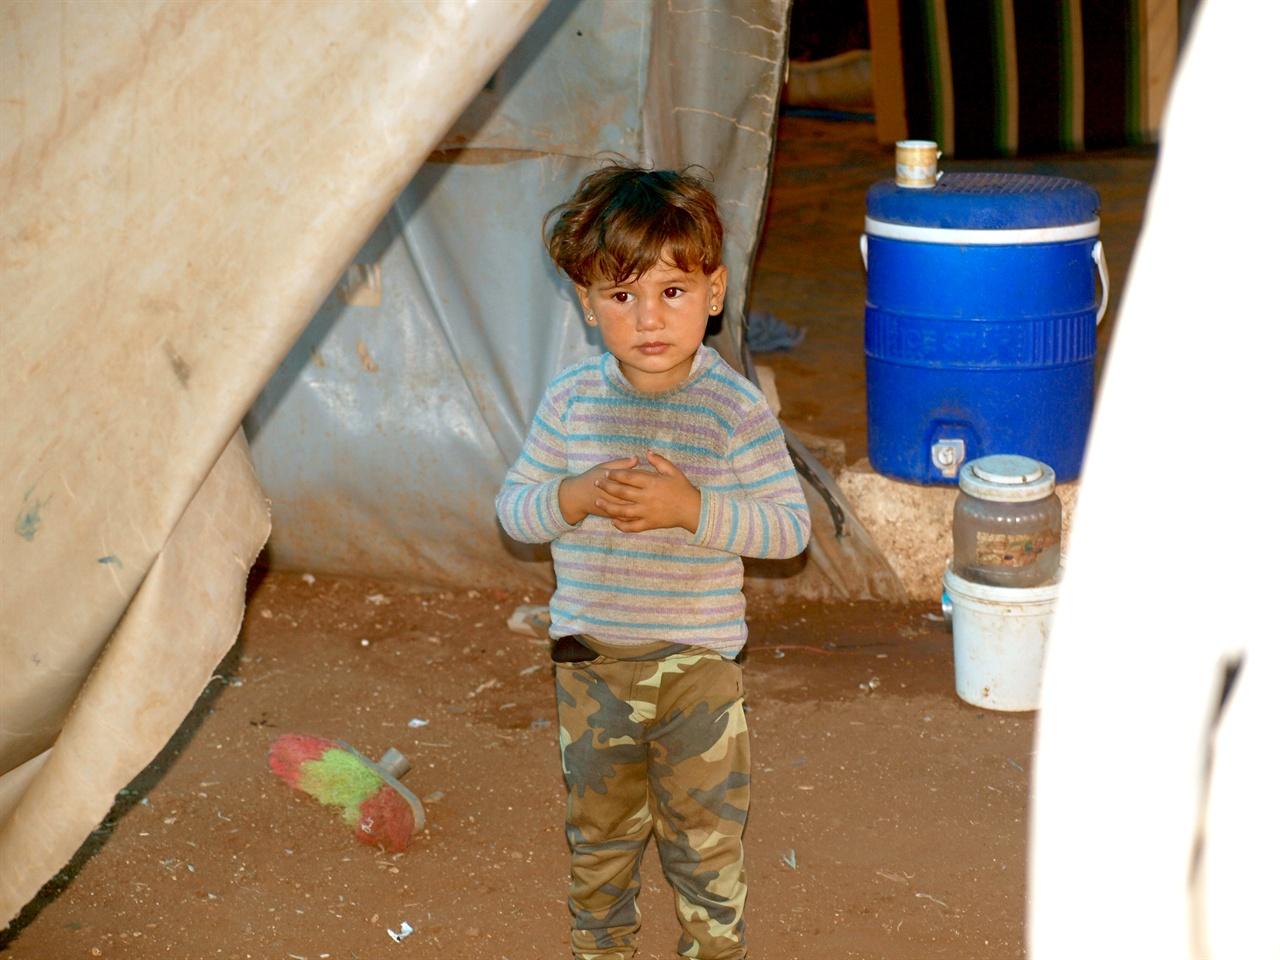 시리아 시민사진8 전쟁 중이 아닌 시대를 살아본 적 없는 수천 명의 시리아 아이들- 그 아이들이 평화라는 단어를 이해할 수 있게 되기까지 얼마나 더 희생과 고통이 있어야 할까요?